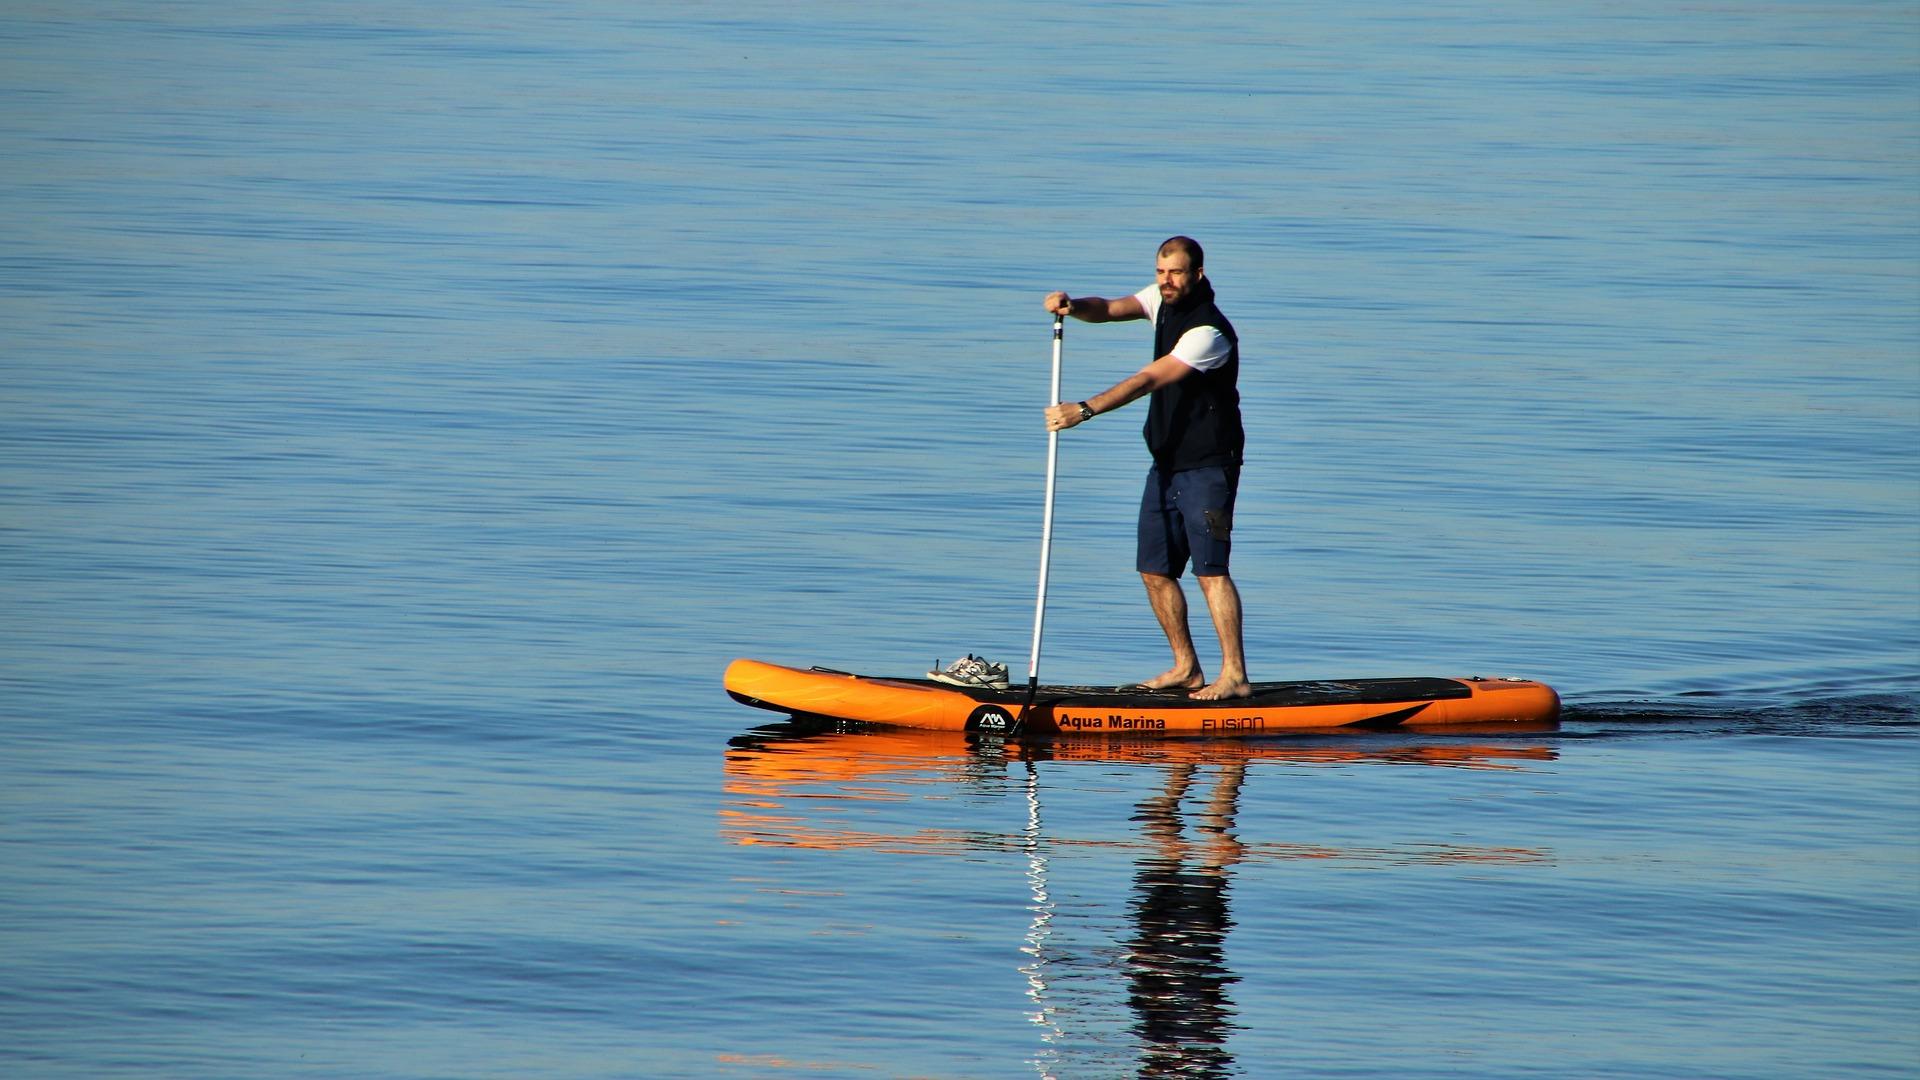 Kto może korzystać z paddle board